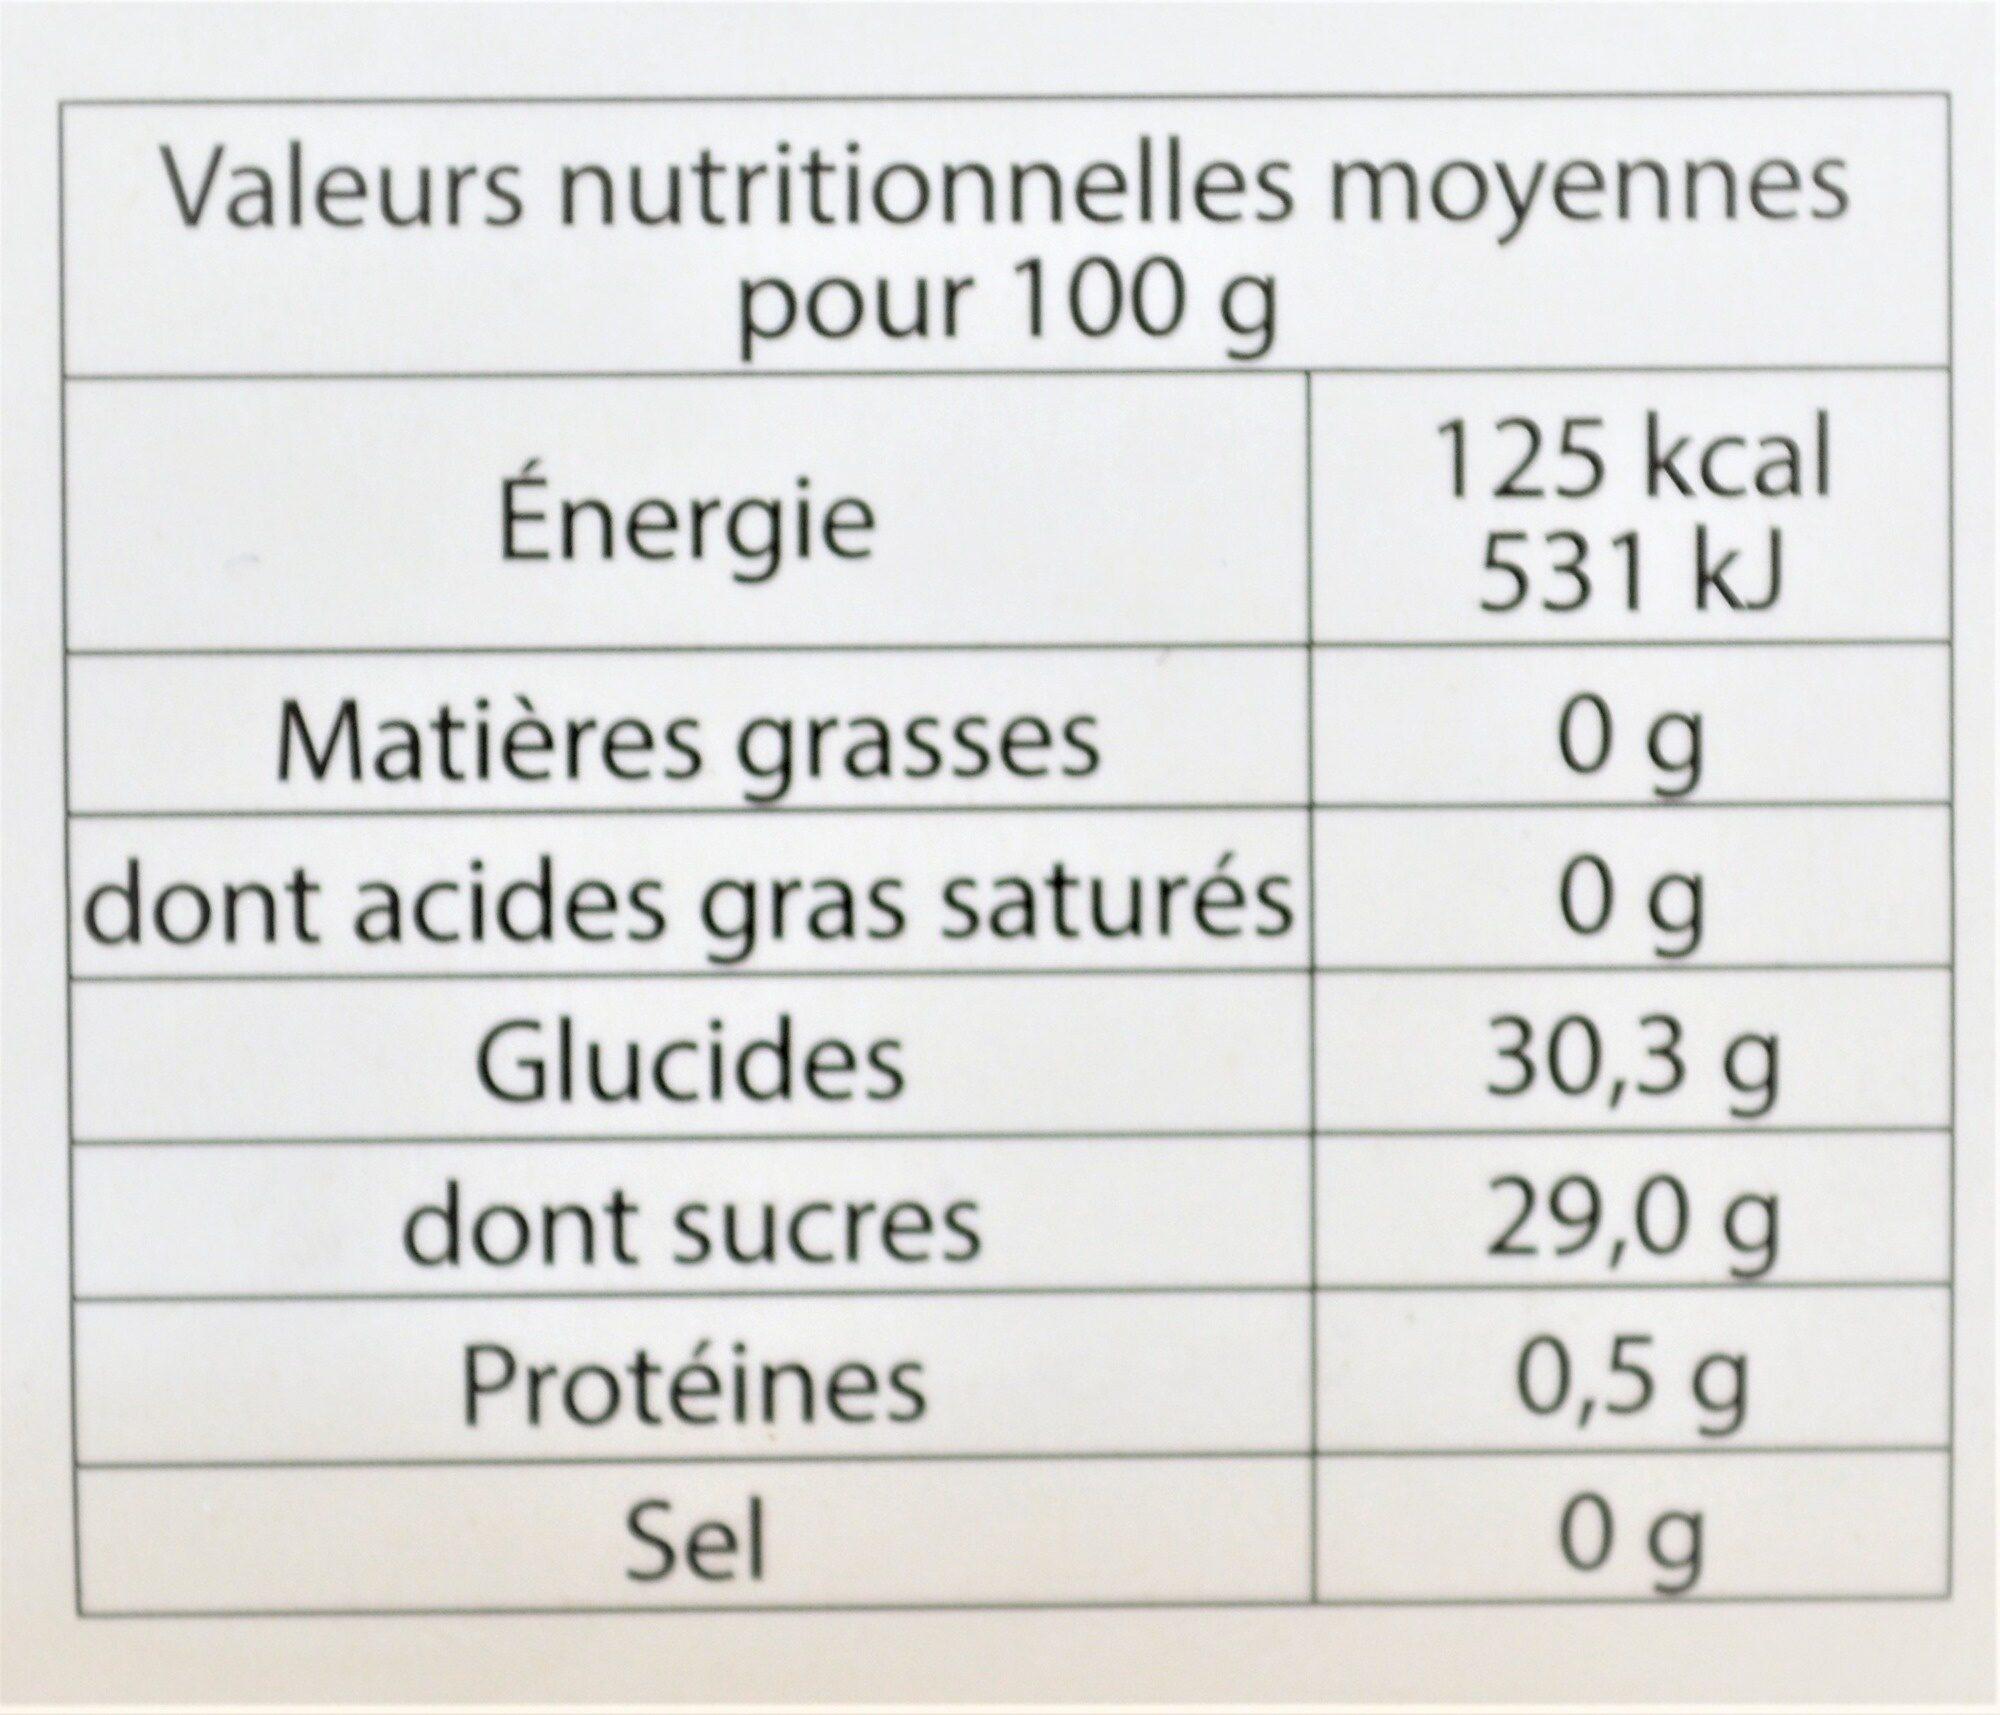 Sorbet plein fruit ABRICOT, 60% de fruit - Nutrition facts